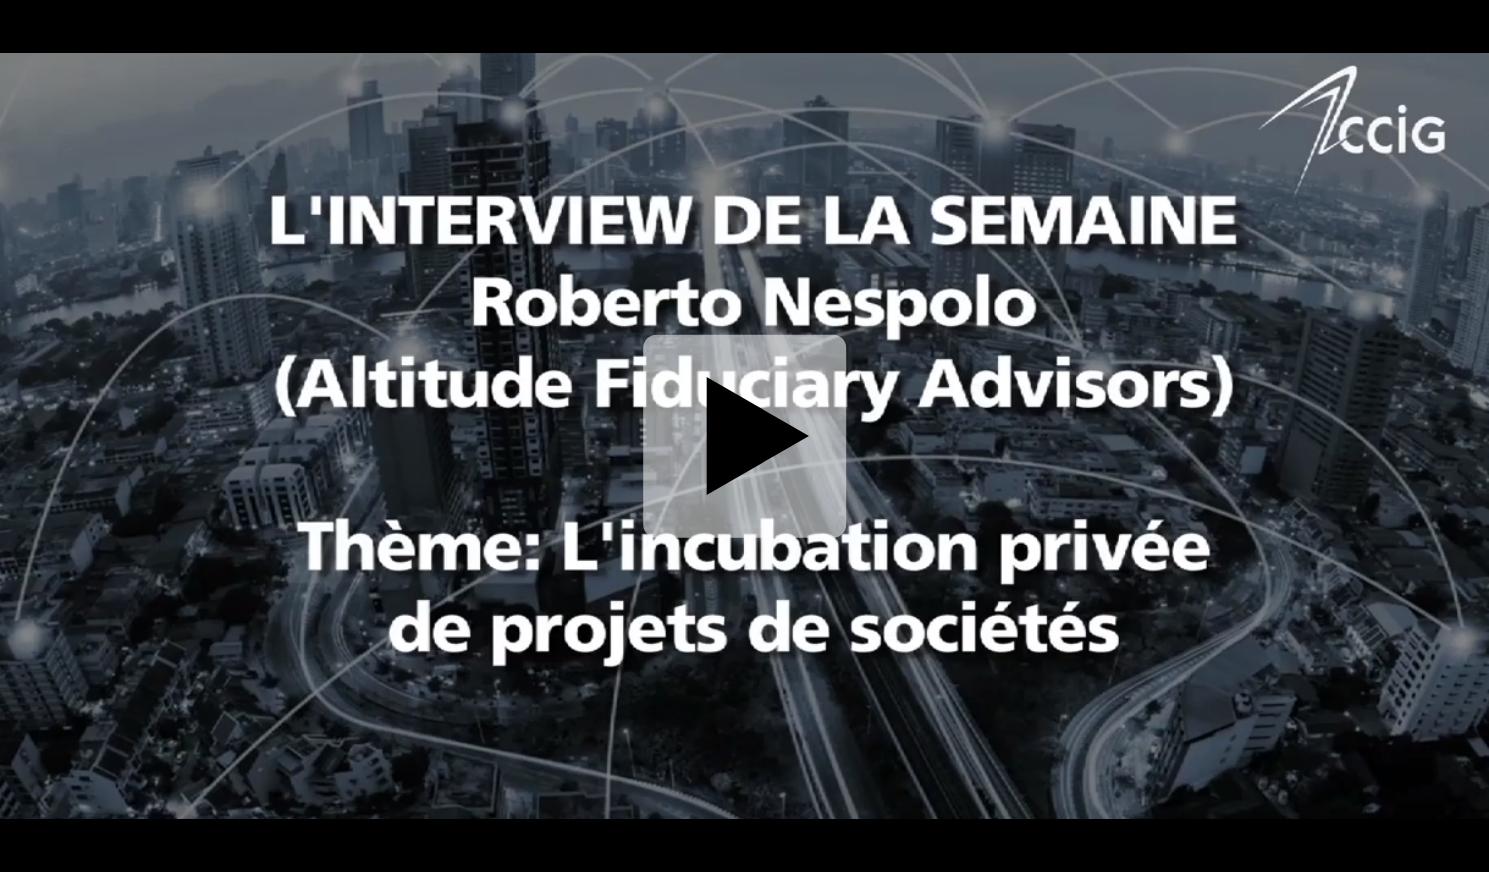 """Roberto Nespolo invité de la CCIG pour """"L'interview de la semaine"""""""